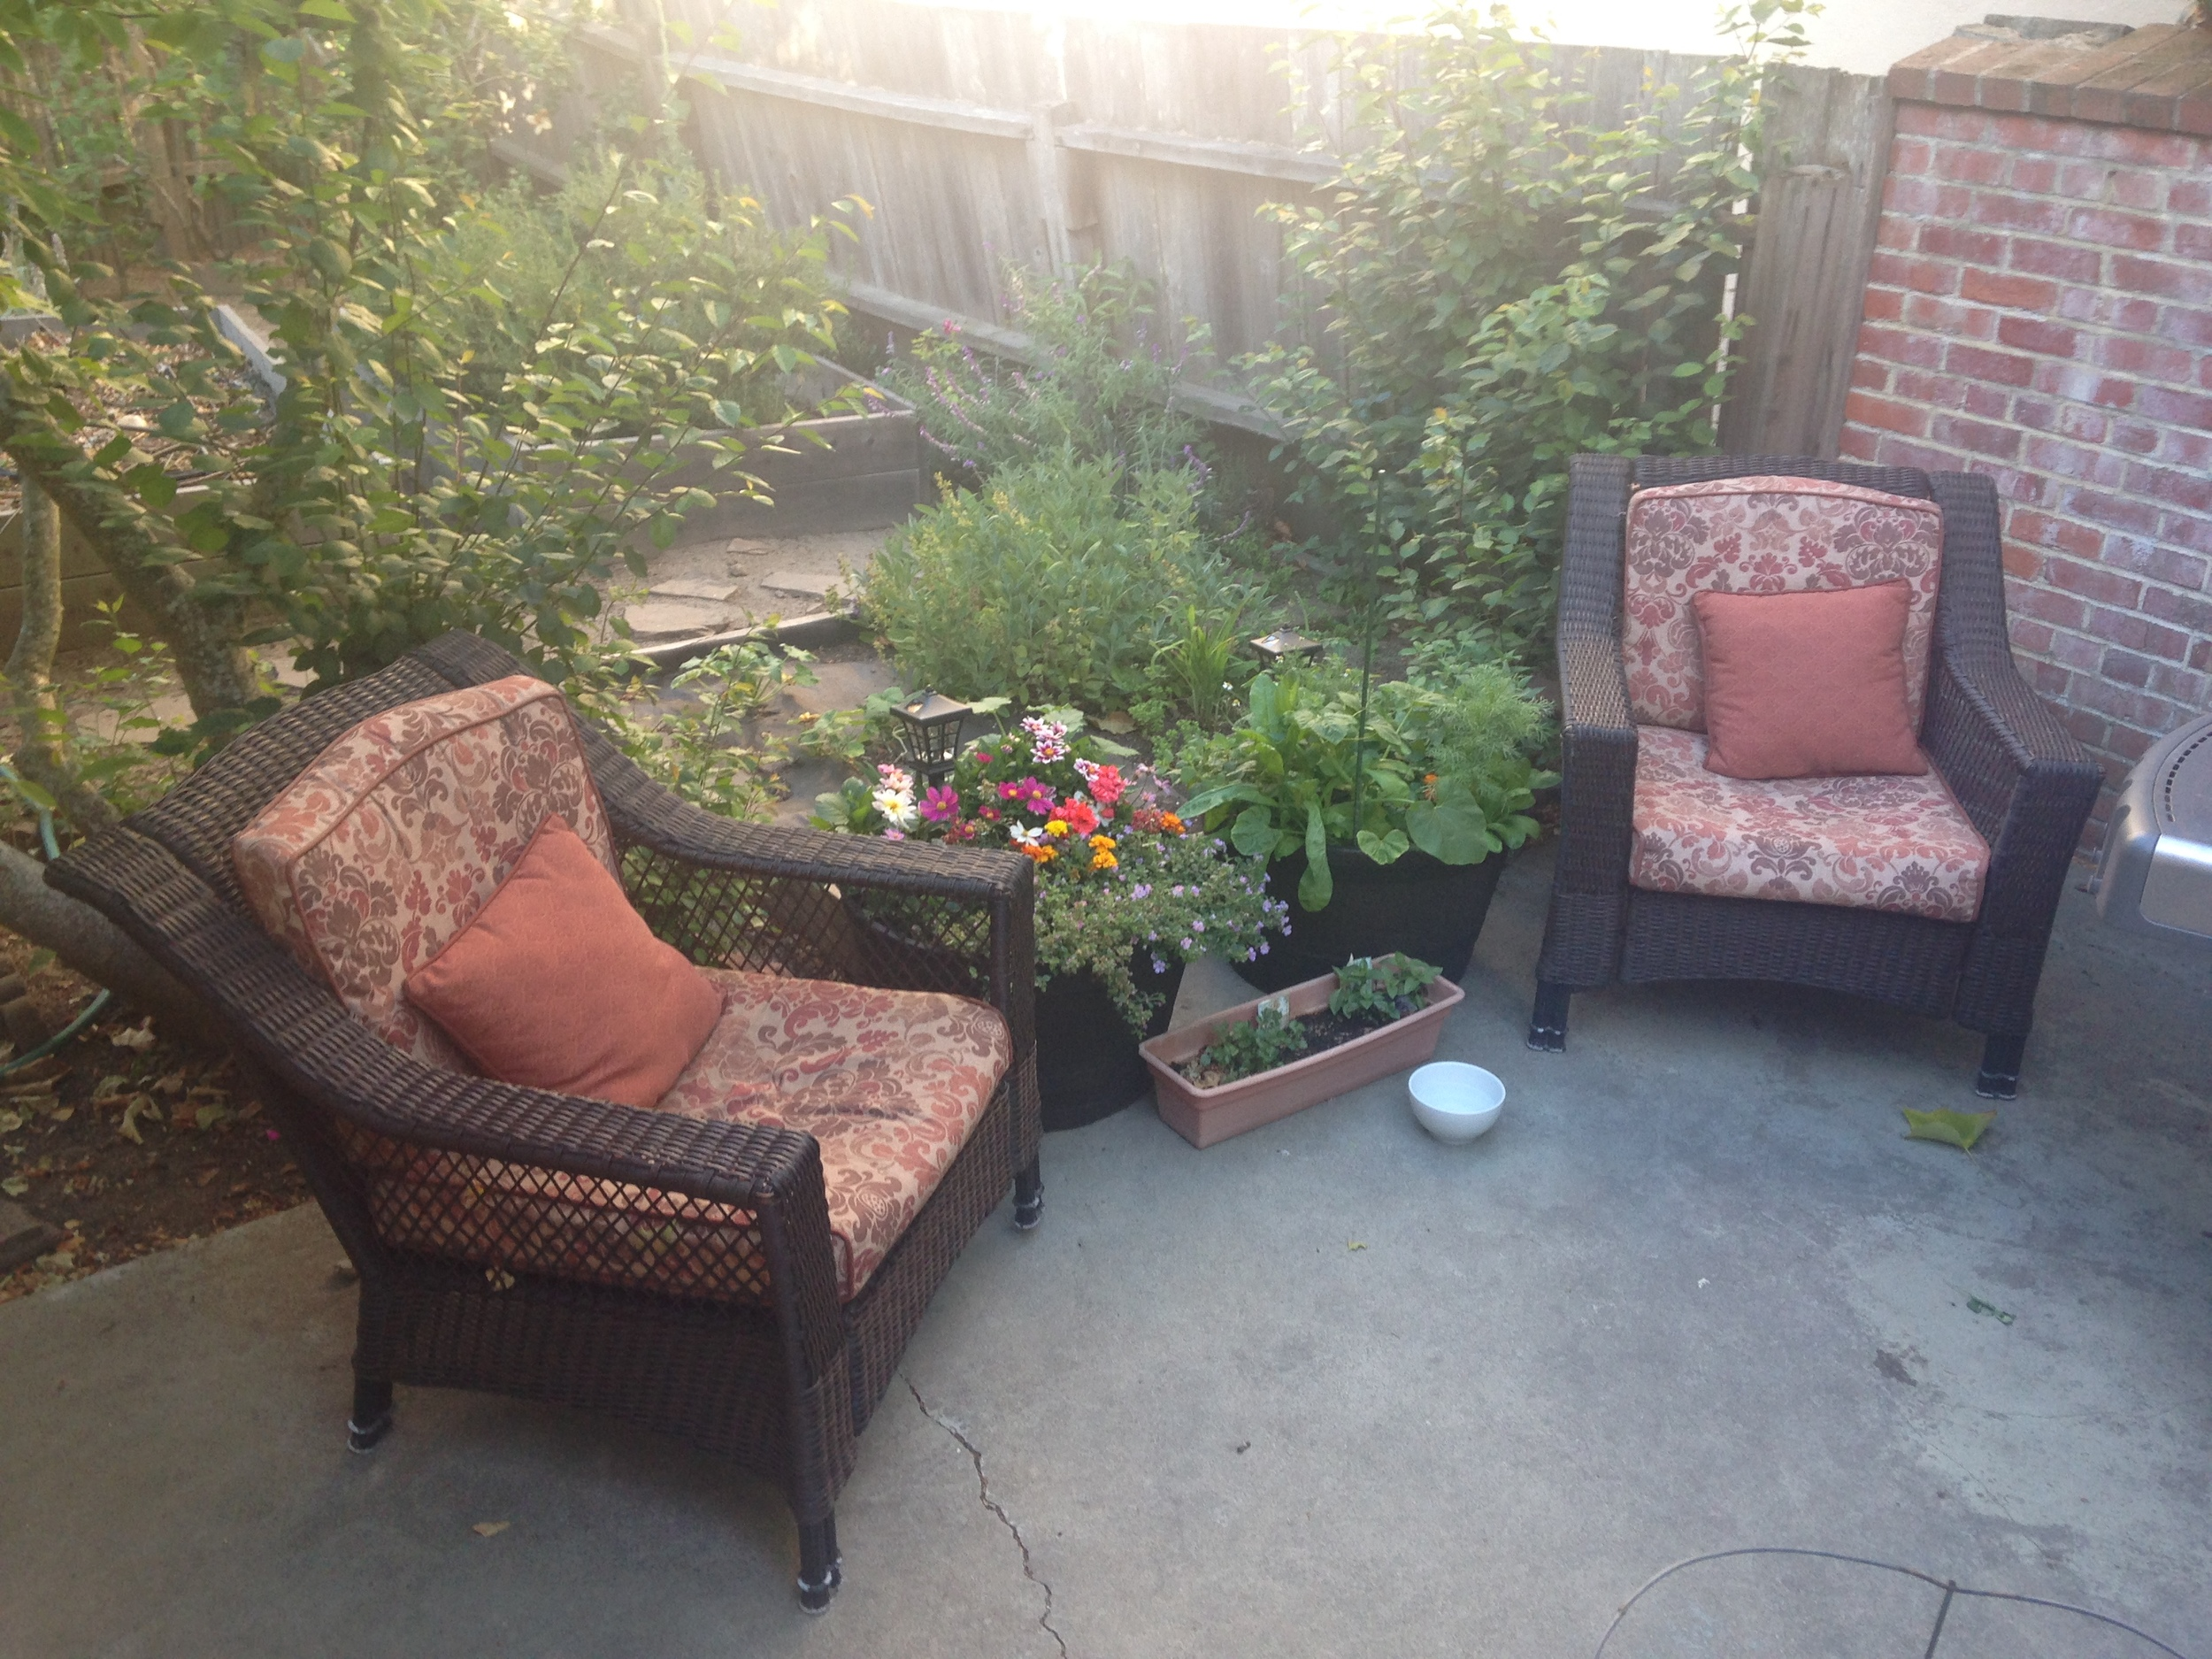 My garden oasis.